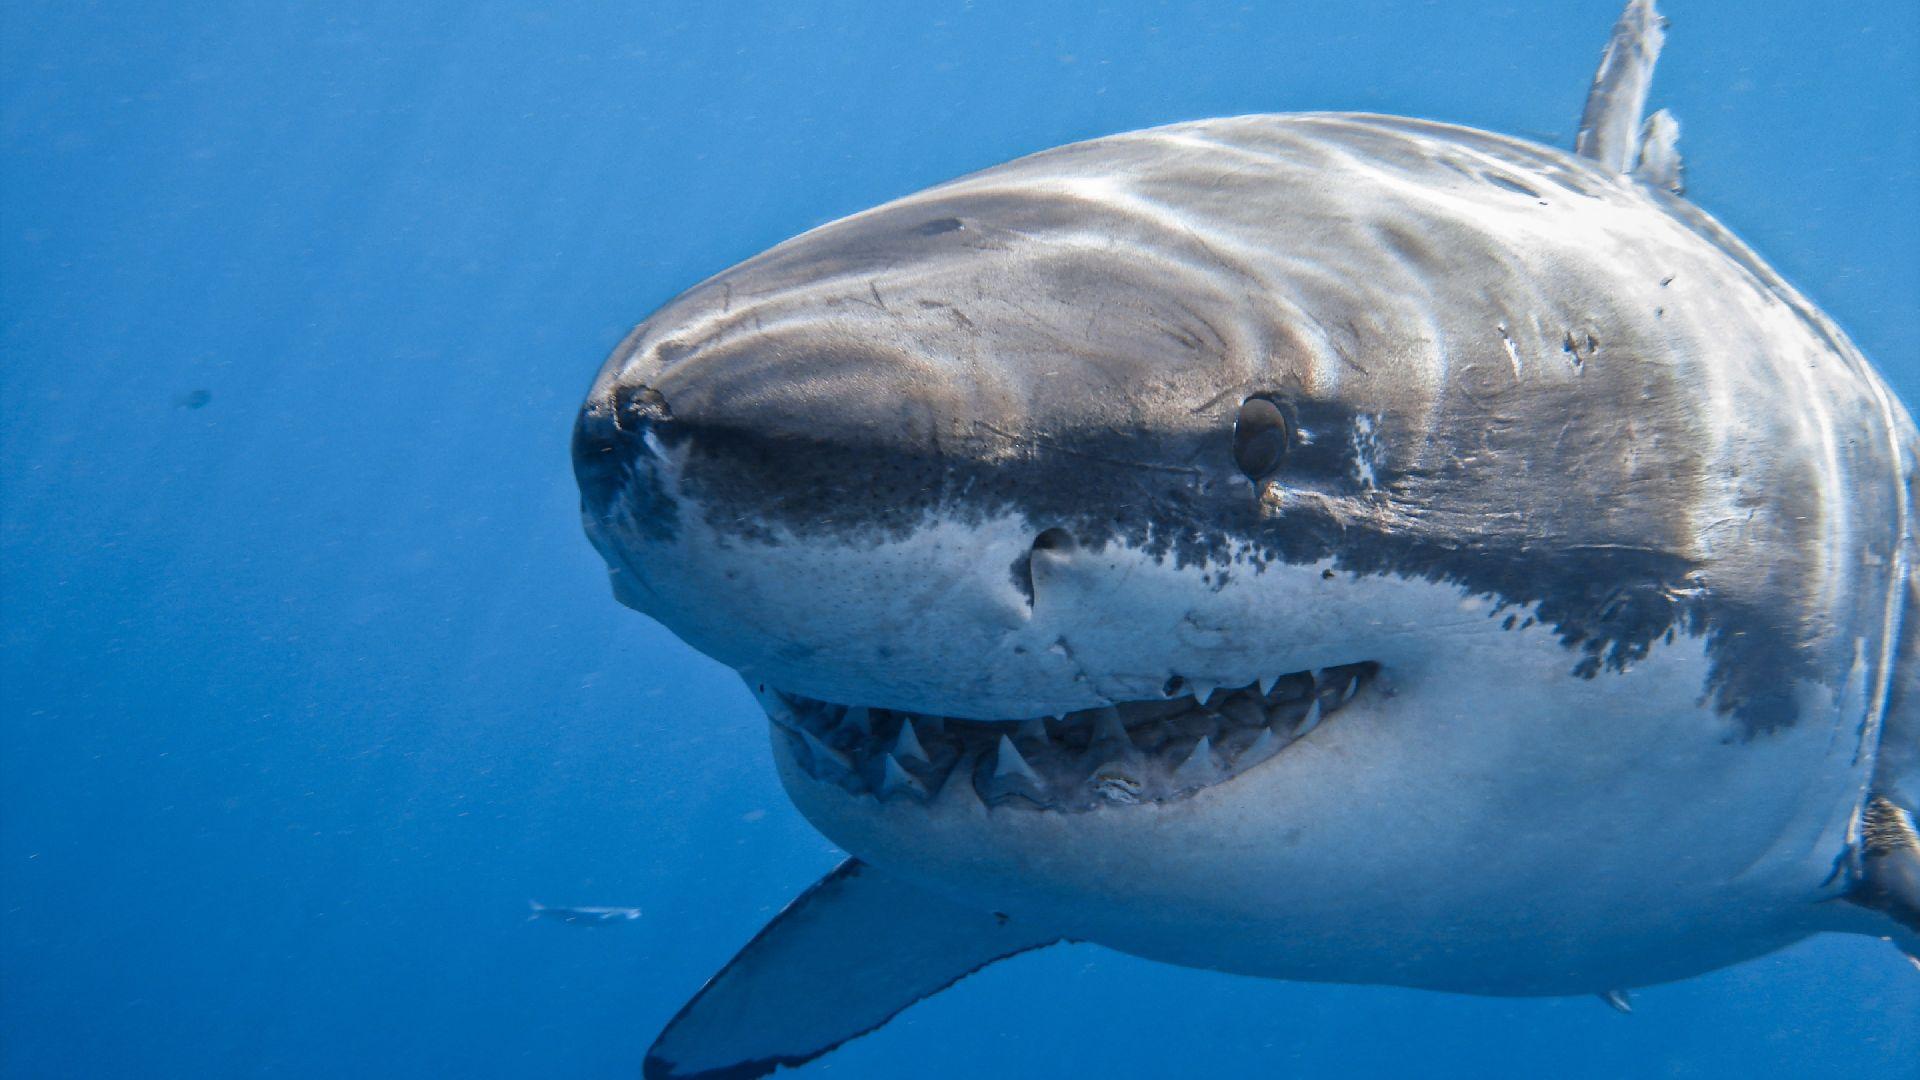 бесформенные картинки самой огромной акулы в мире навести мышь первый